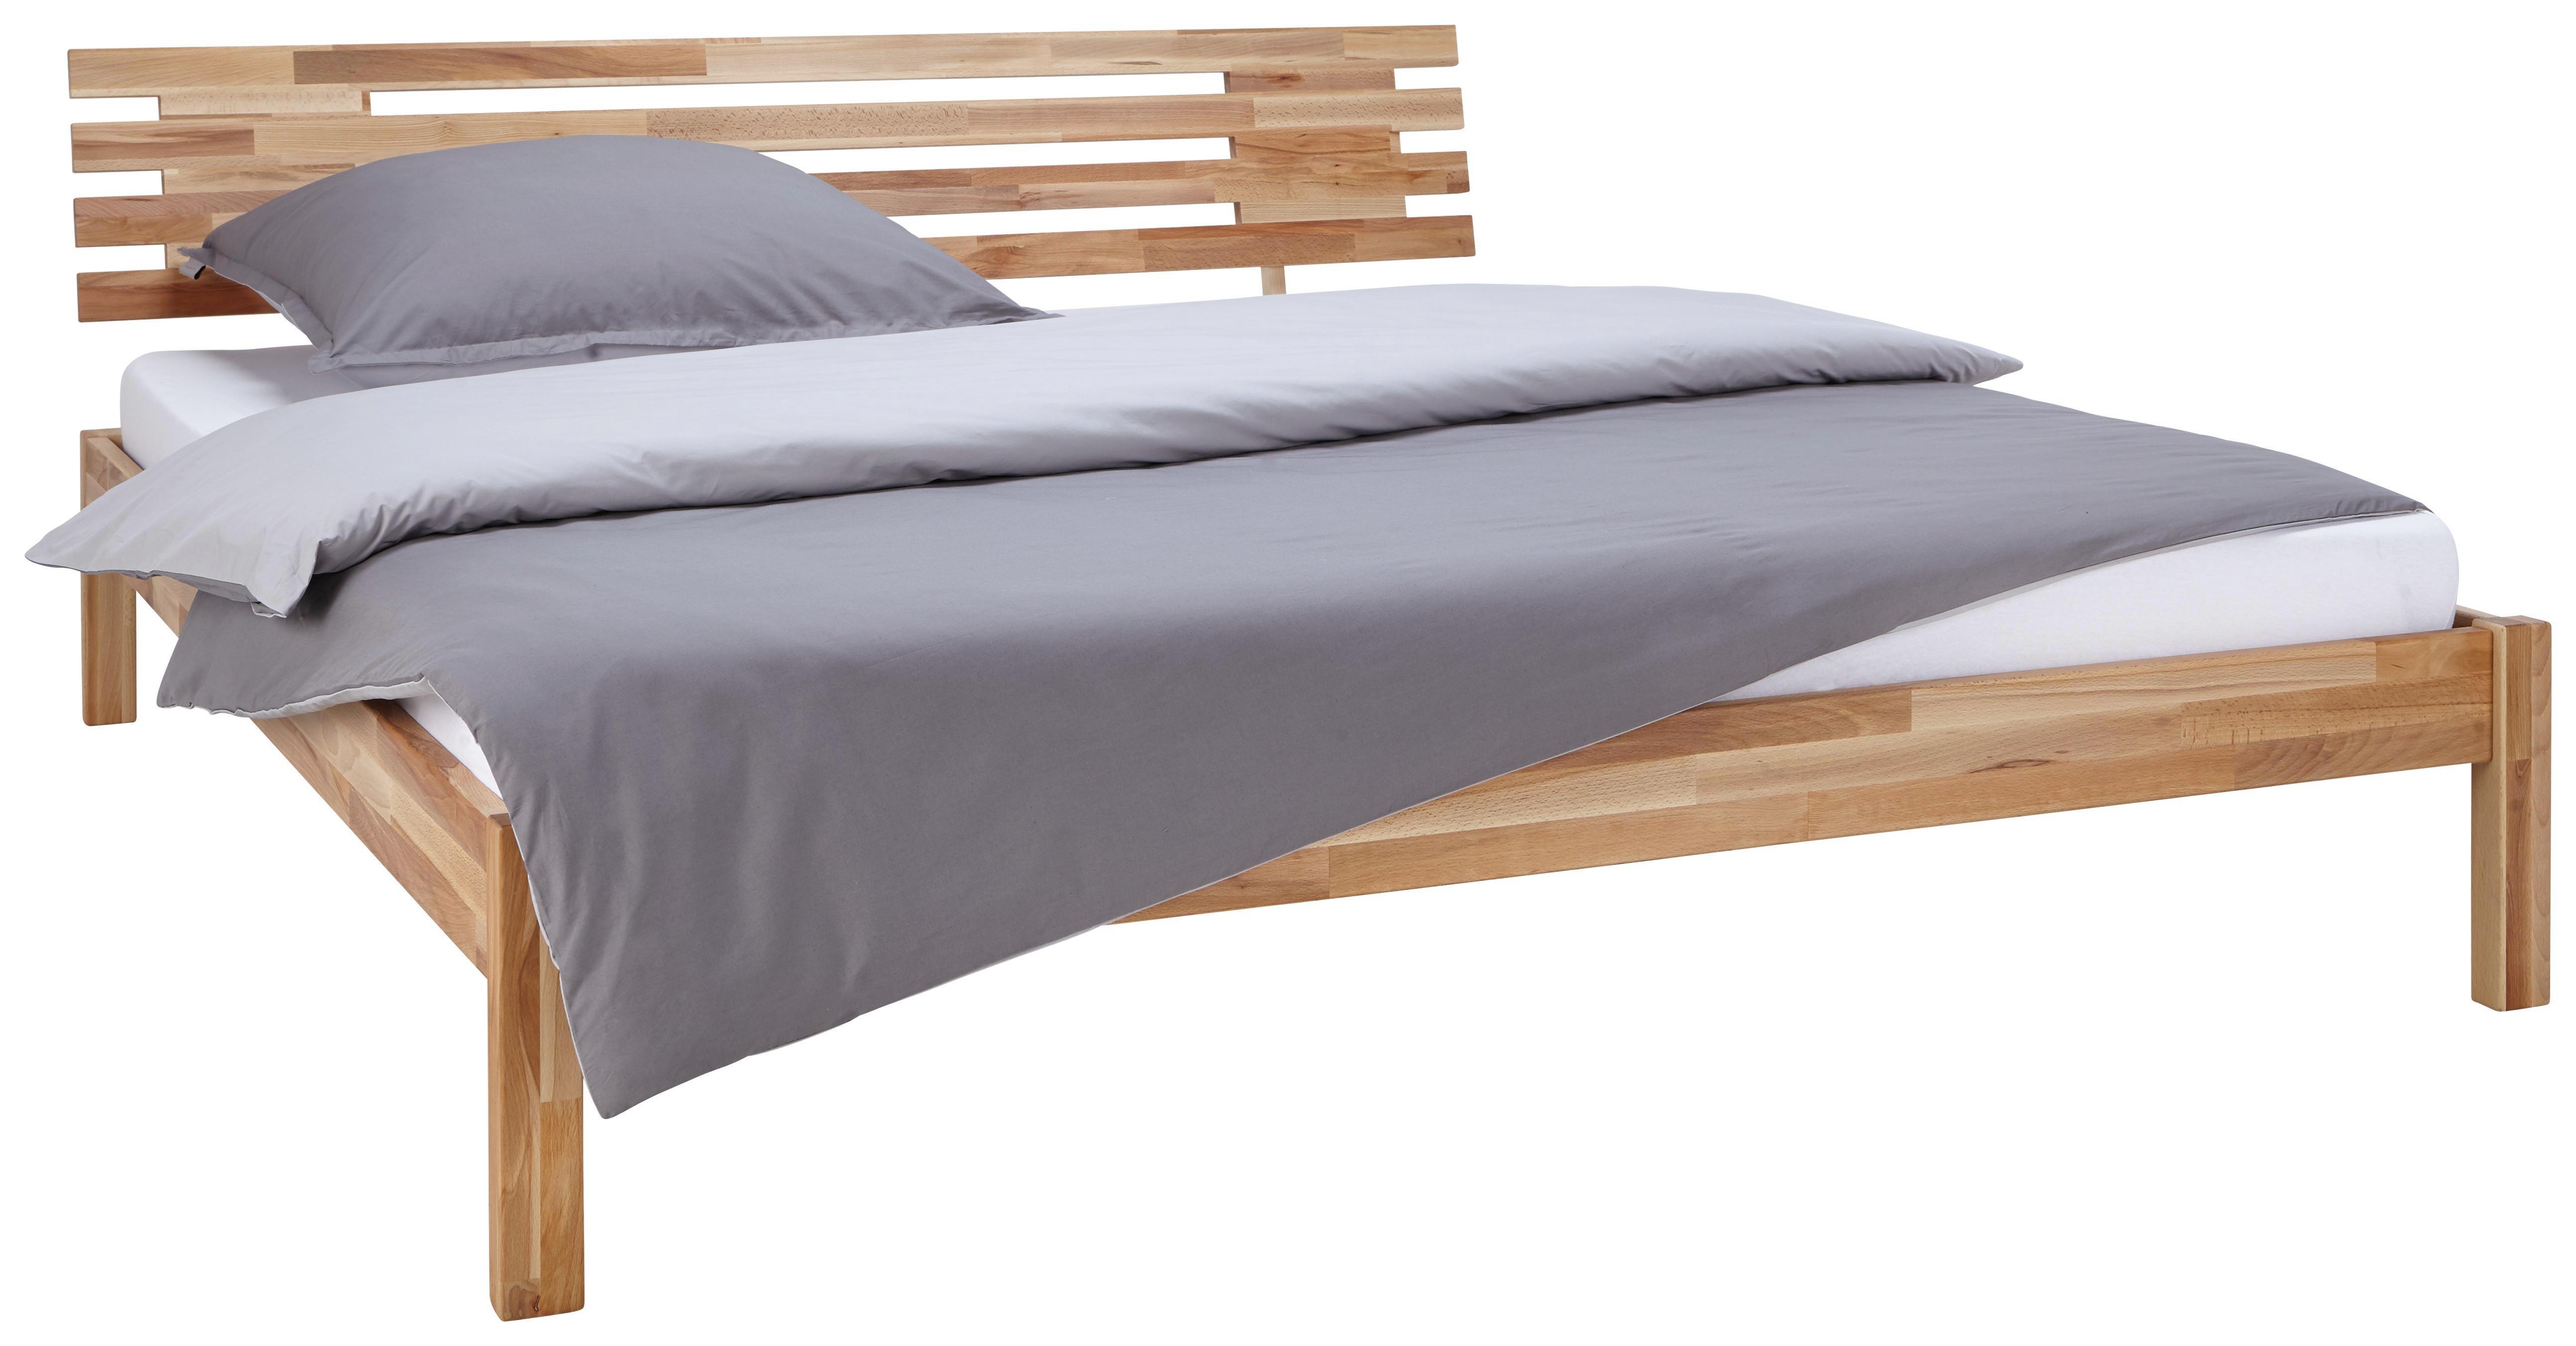 Bett 120x200 buche elegant full size of betten design bett weis x poco x hocht bettkasten weiss - Einzelbett poco ...